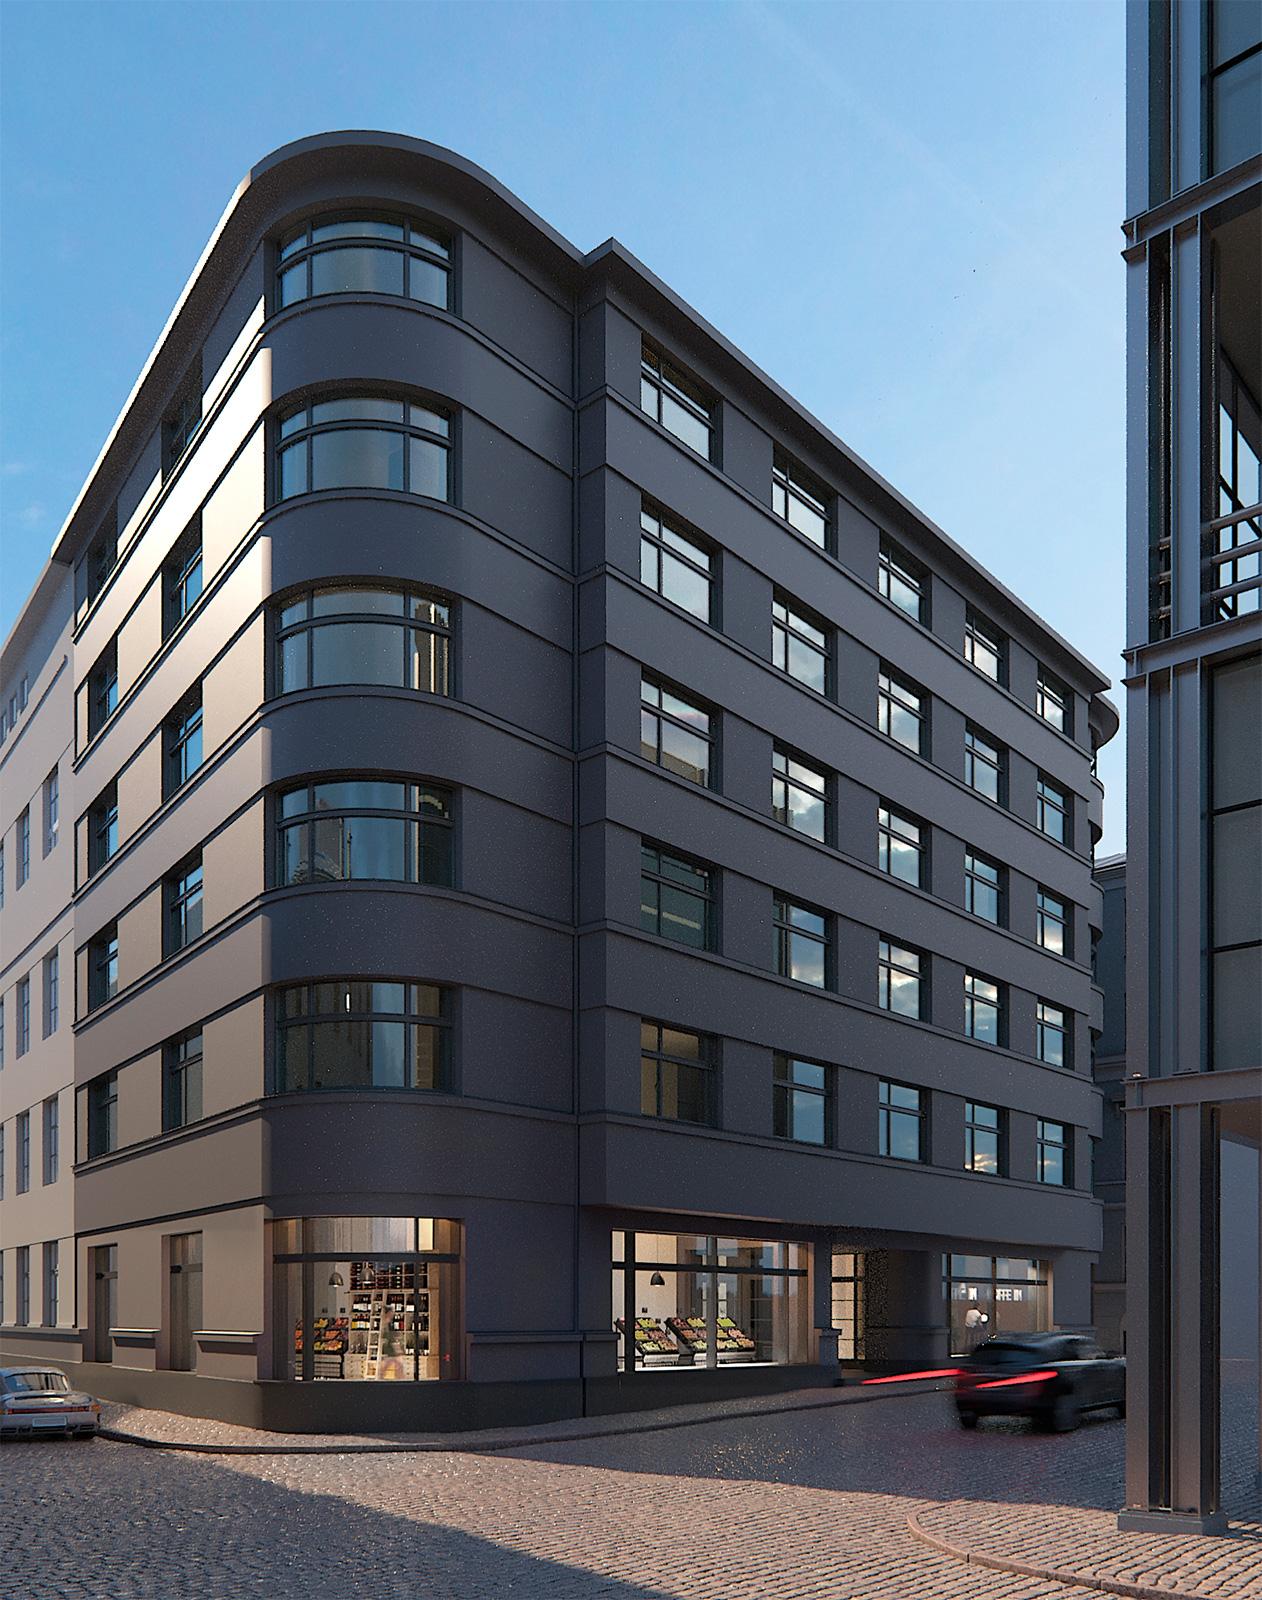 700 m2 Biroja telpas Vecrīgā Audēju ielā 13eur/m2